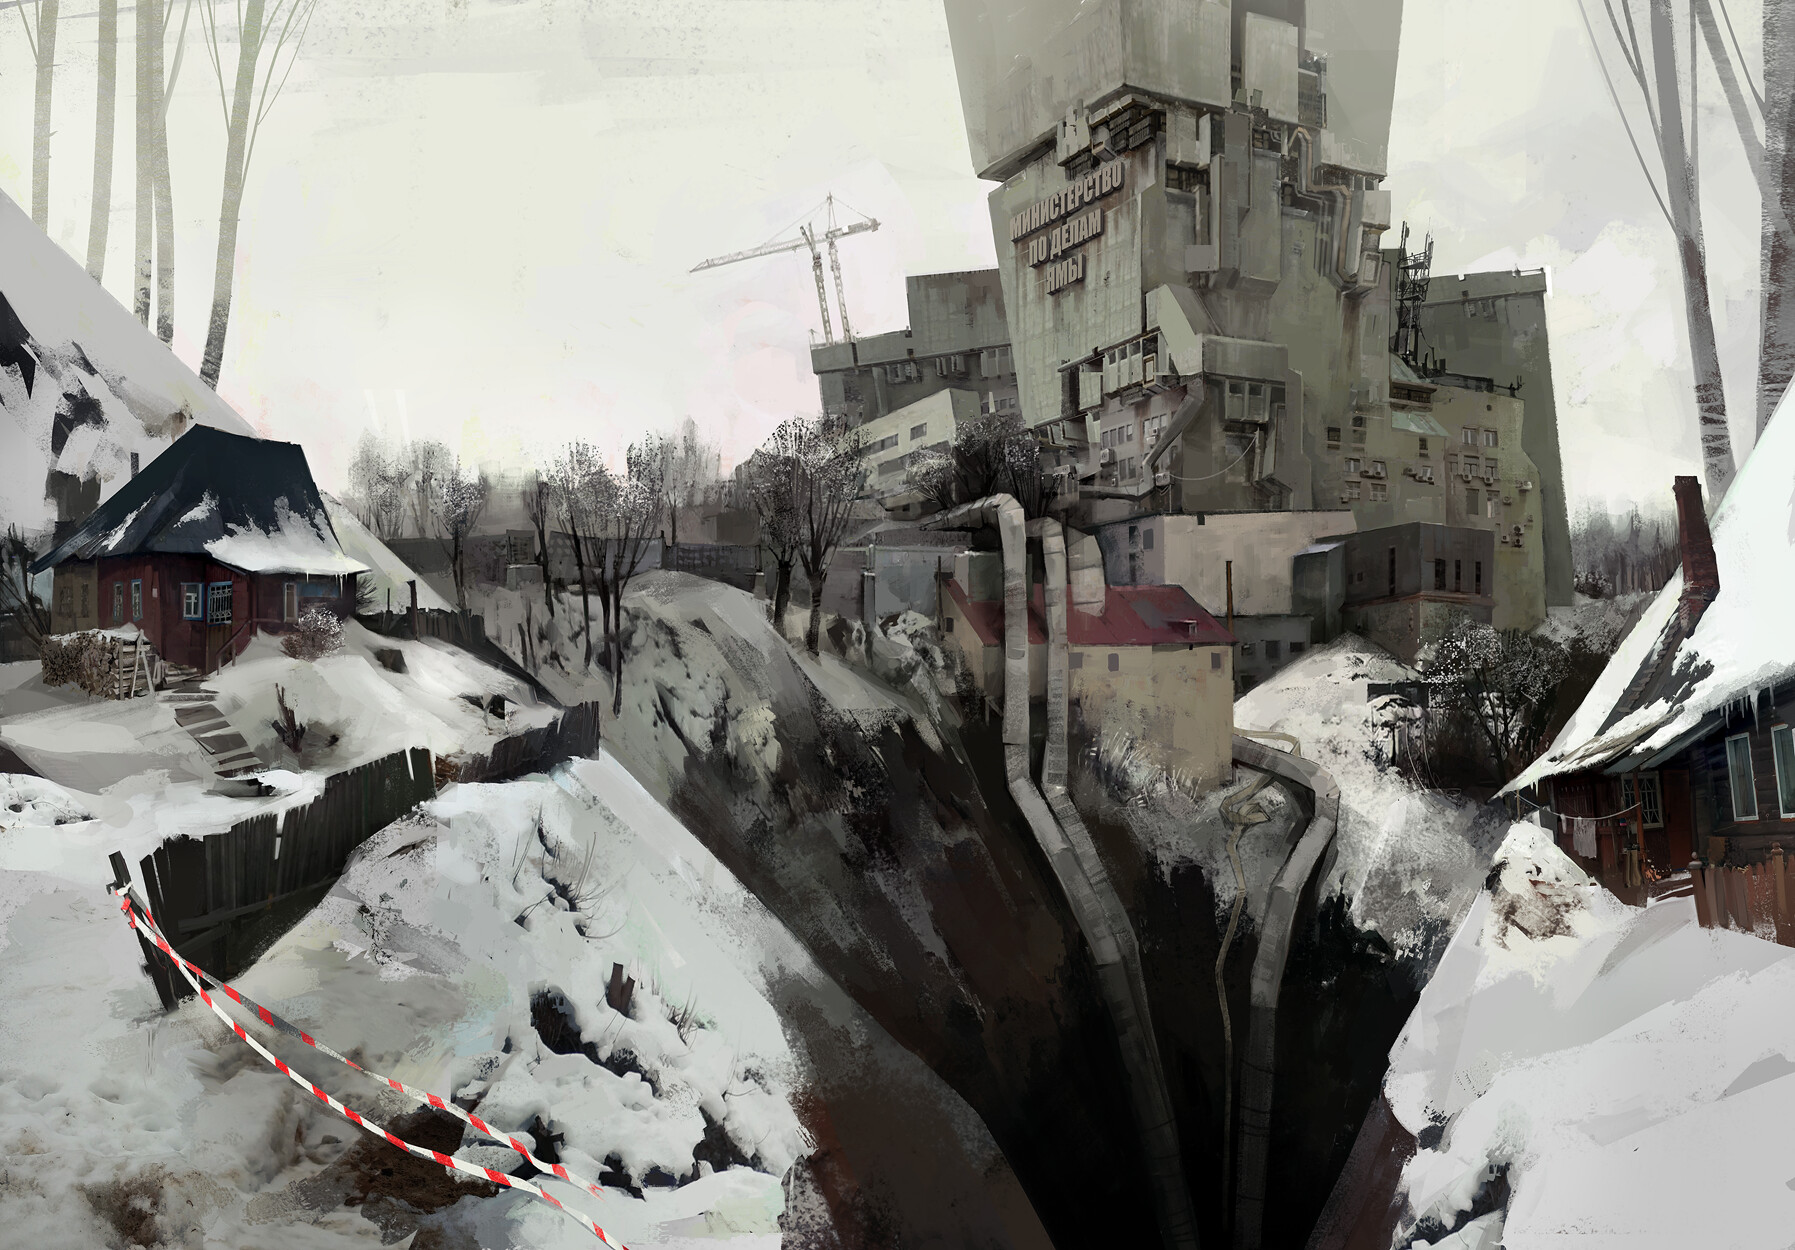 vladimir-malakhovskiy-the-pit-12-1250.jpg